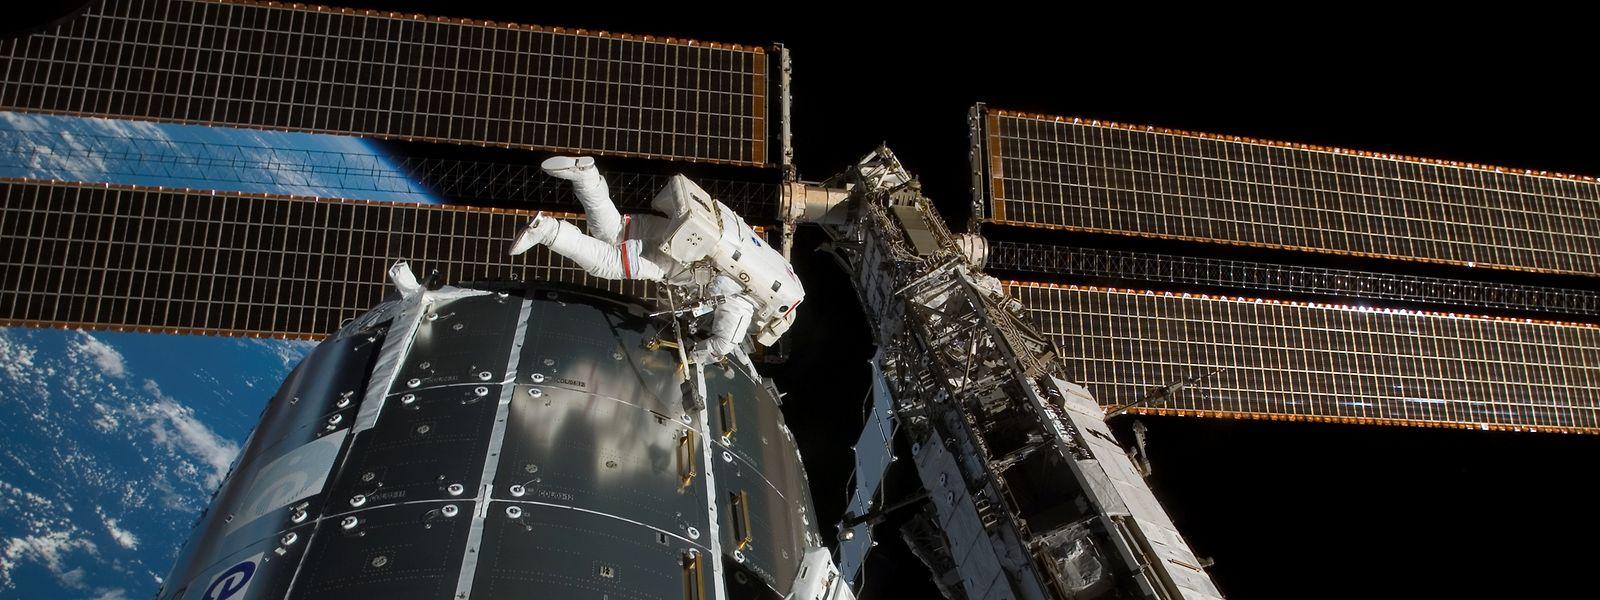 Es handelt sich bereits um den vierten Außeneinsatz auf der ISS in diesem Jahr.